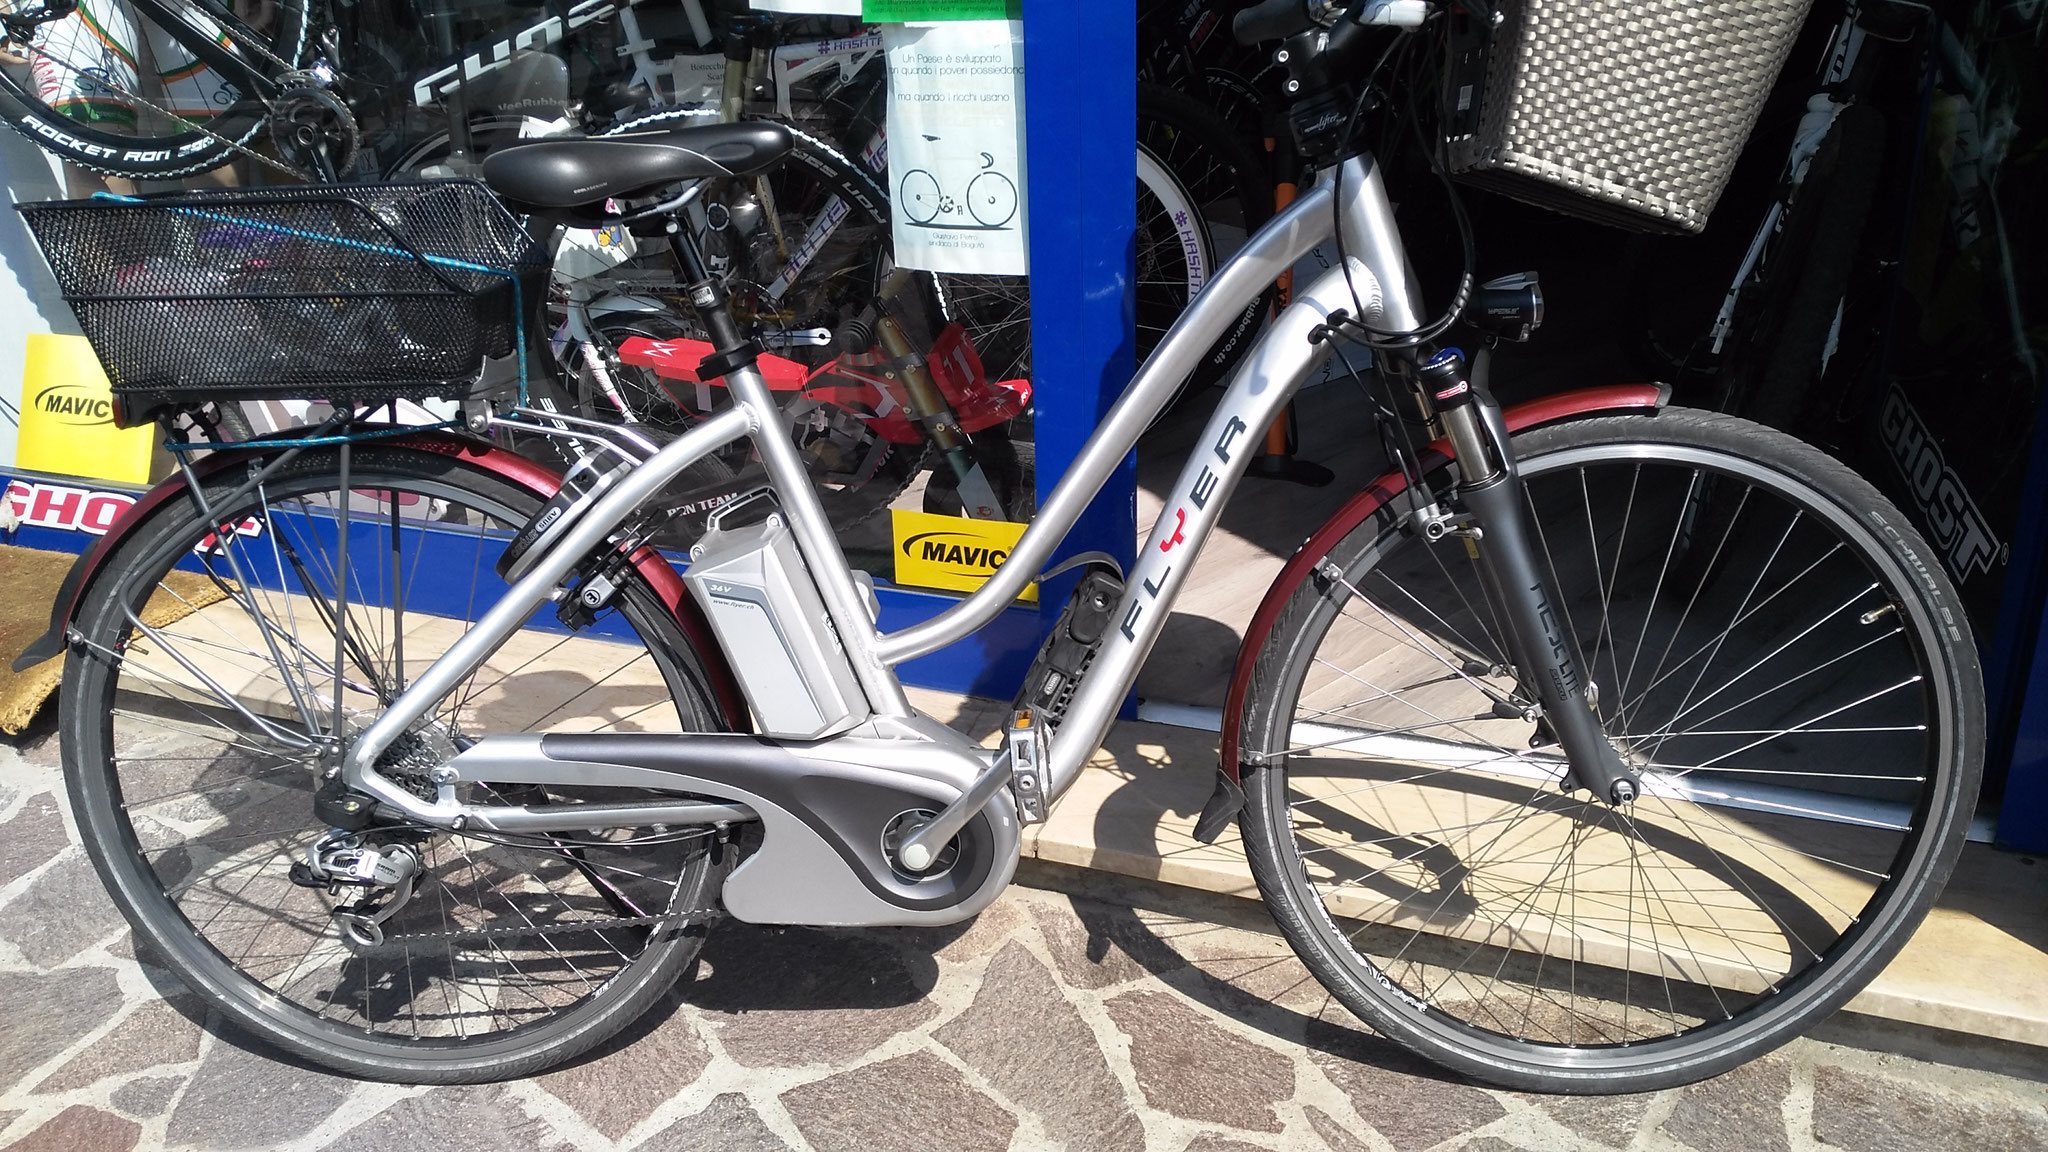 Bici Elettriche Nuove Benvenuti Su Greenbikemania